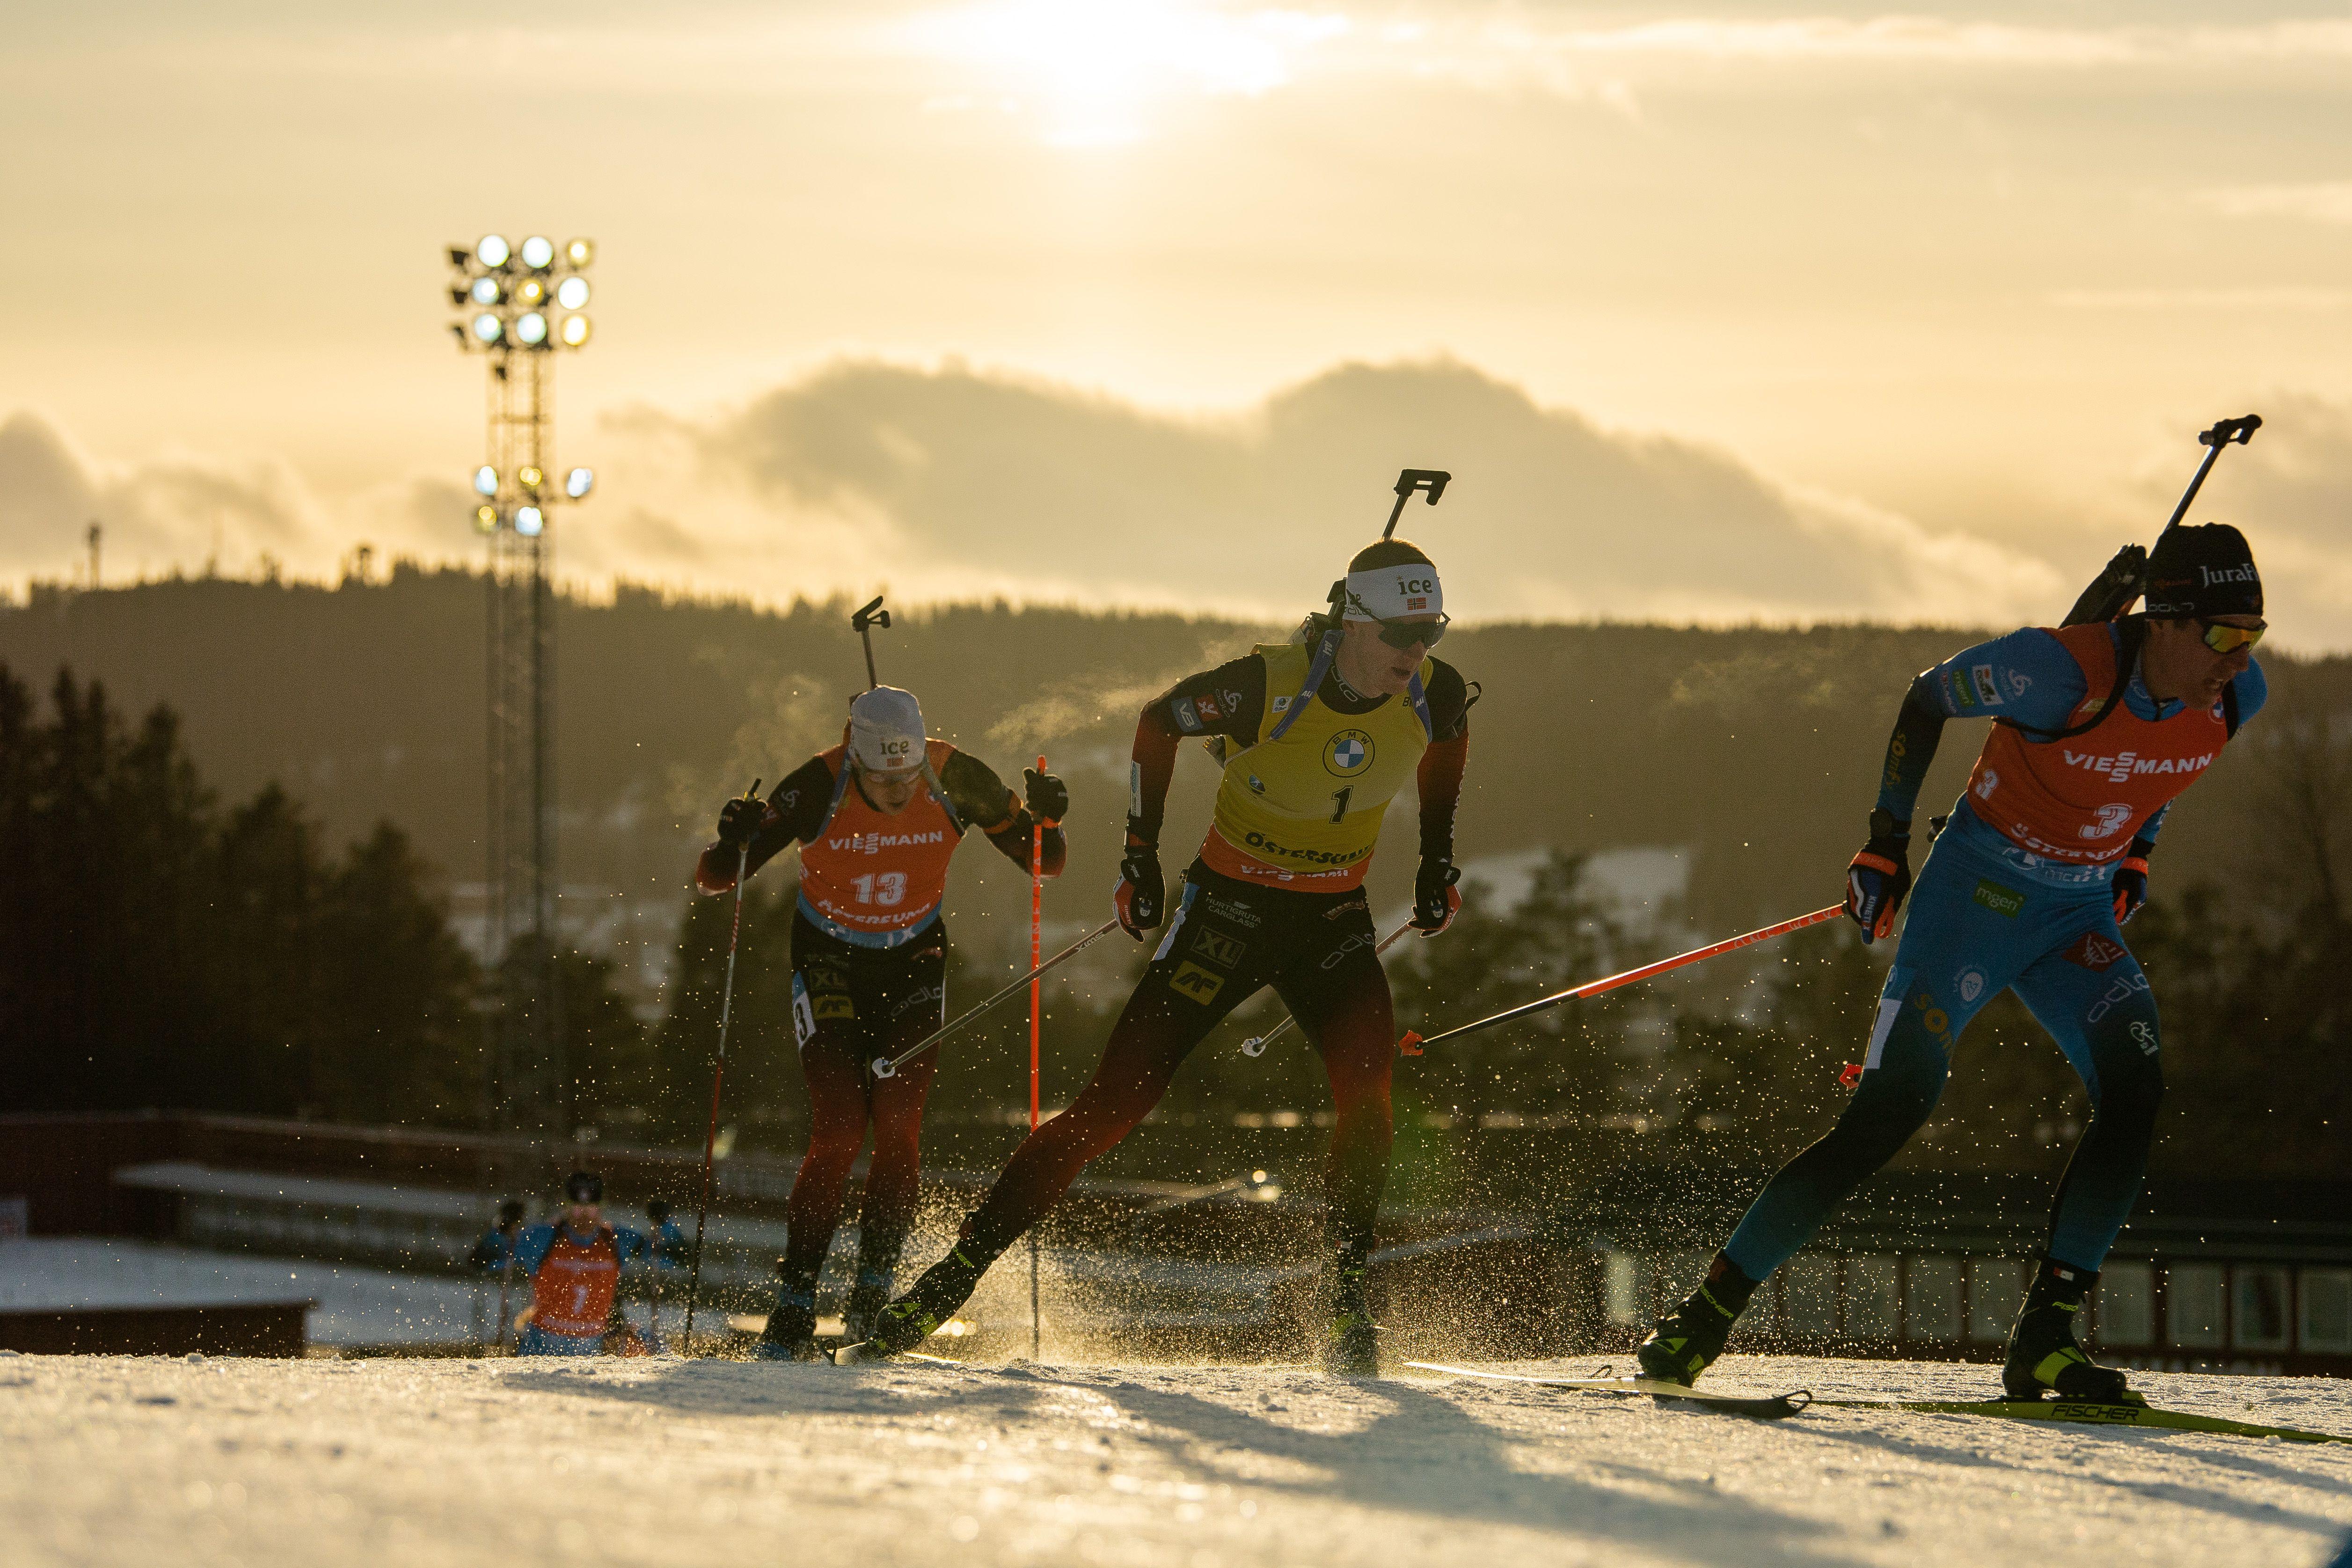 Васильев заступился за российских биатлонистов после неудачного сезона